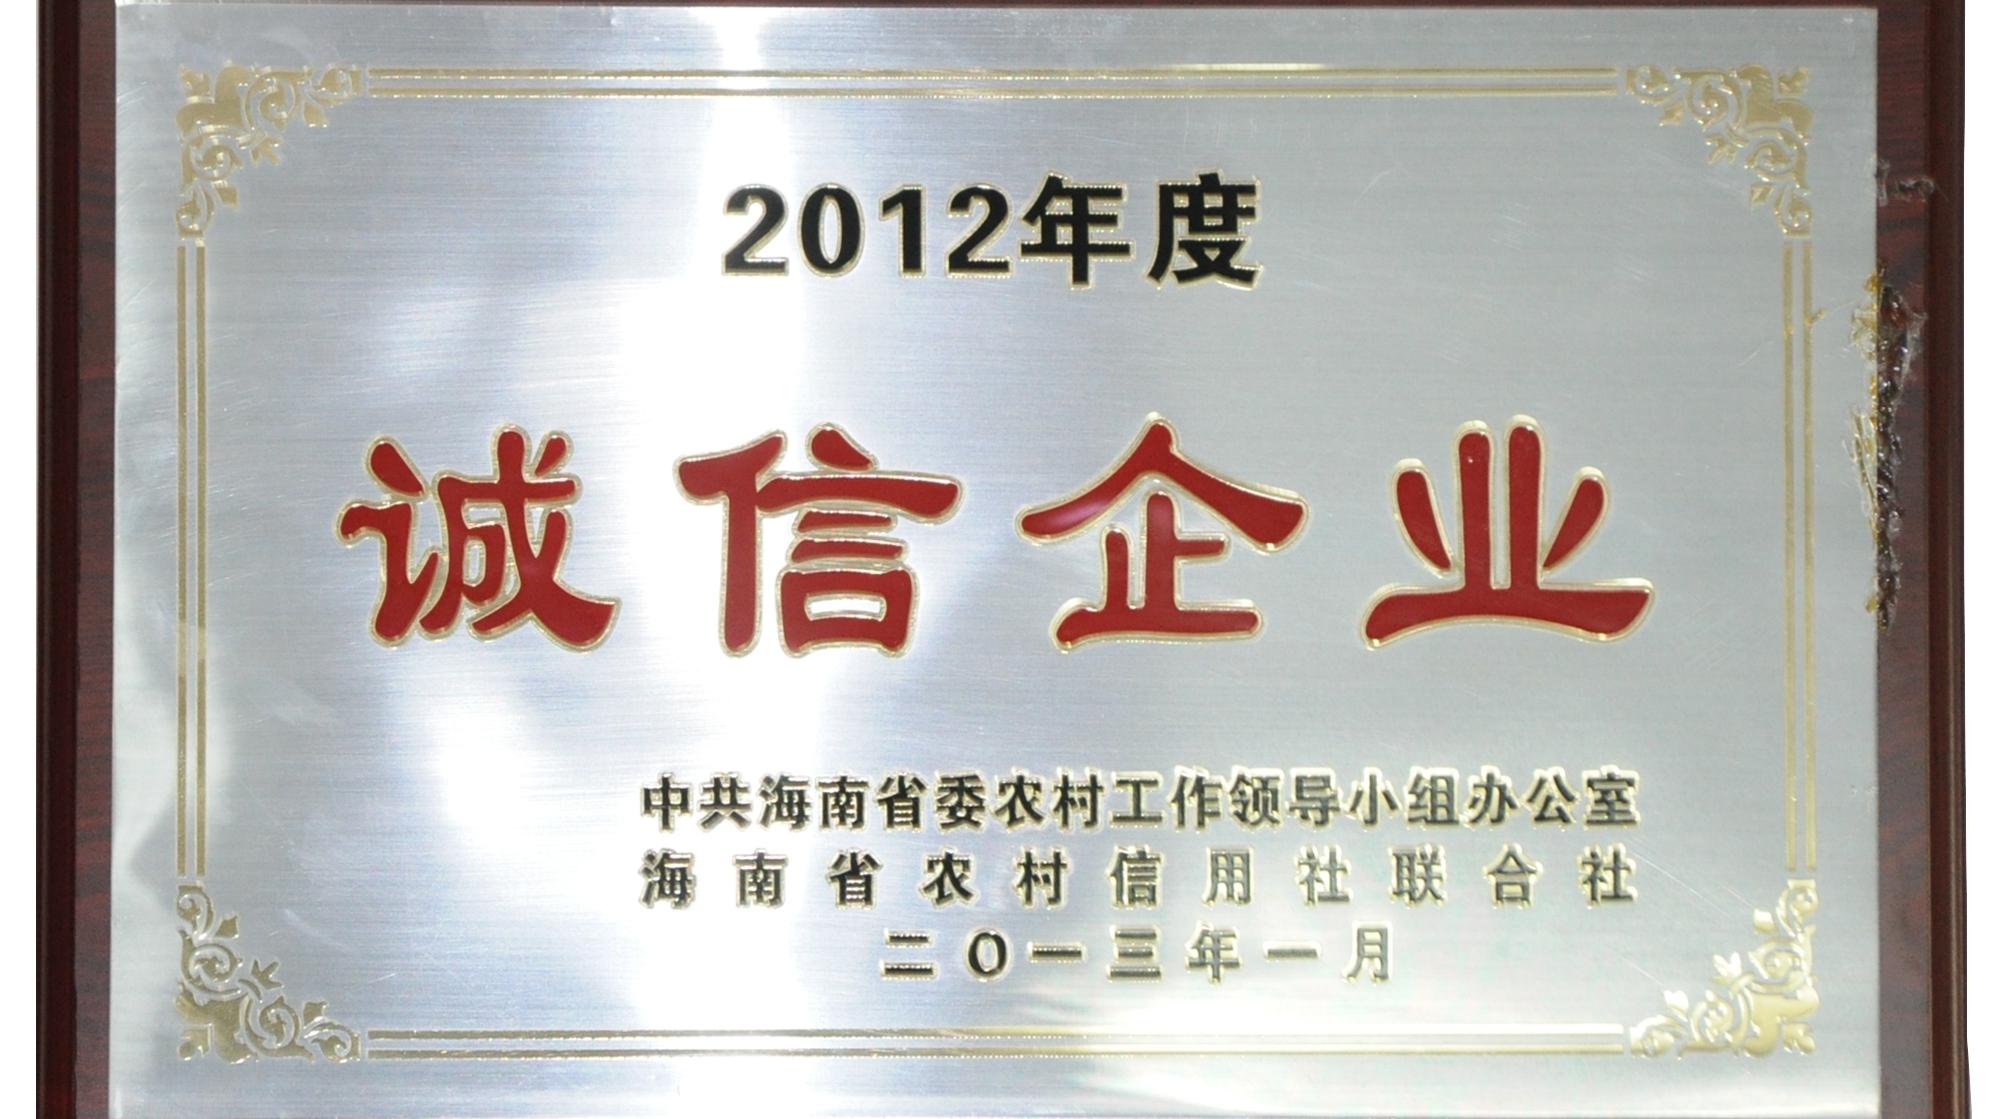 2012年度诚信企业